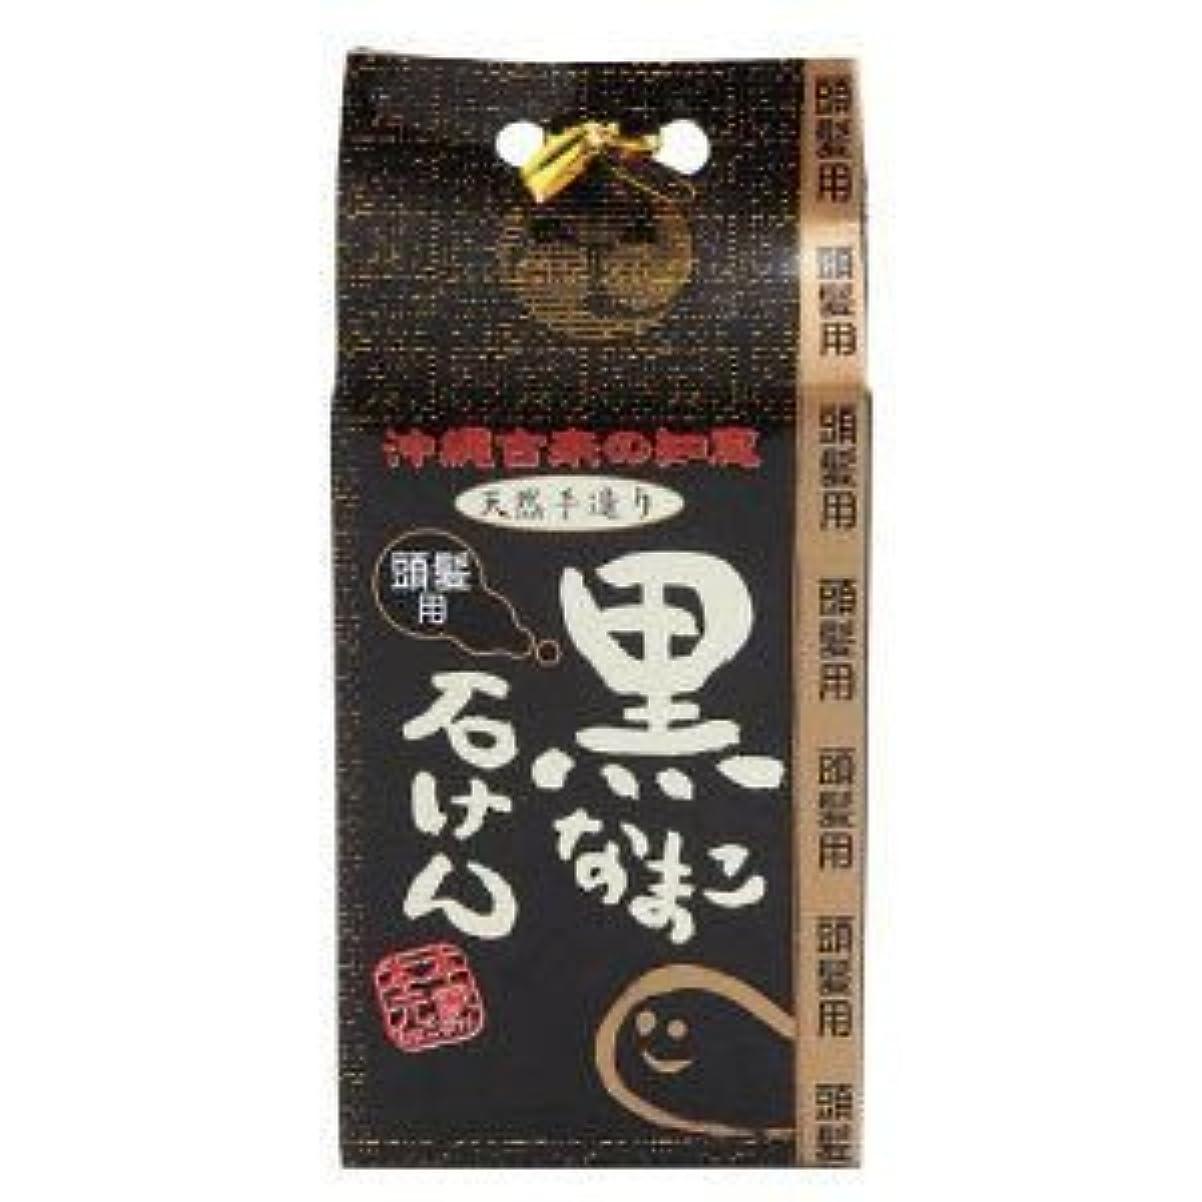 公爵デザイナー黒なまこ石けん 90g  2個セット ※素材のひとつひとつにこだわった石鹸シャンプーです。